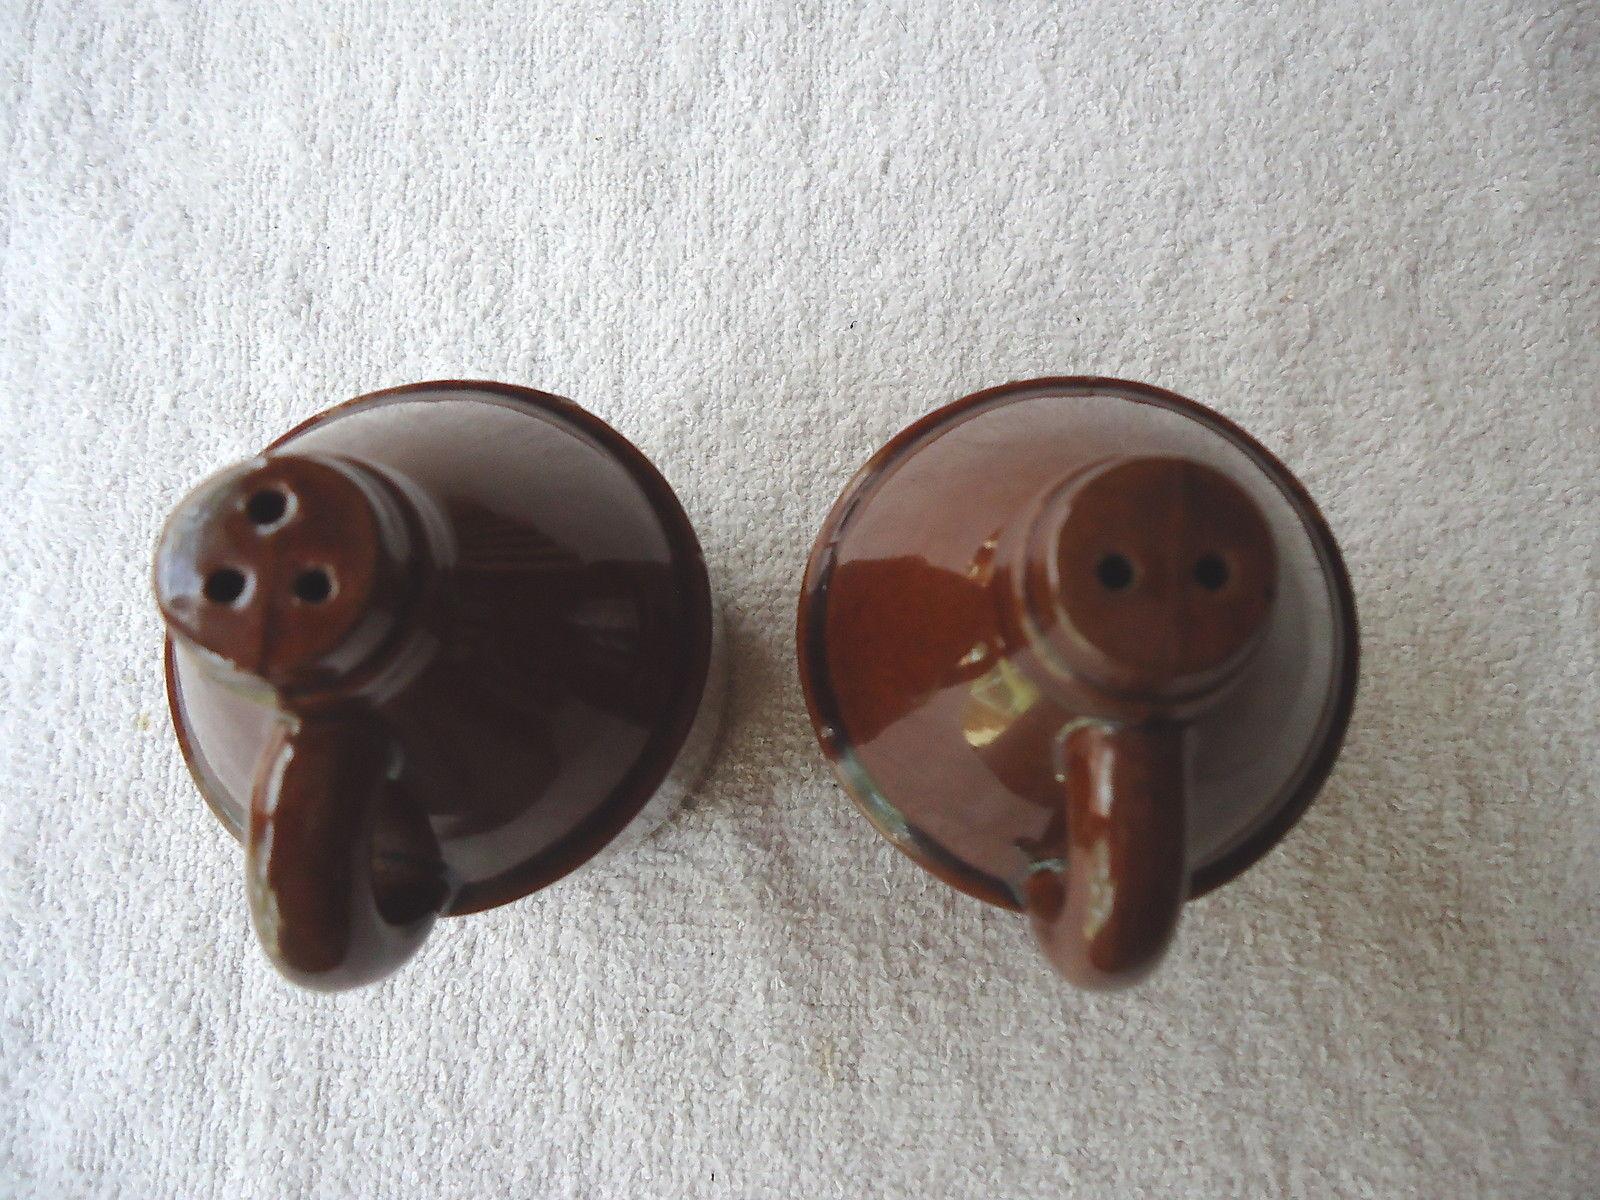 Vintage Little Brown Jug Salt And Pepper Shaker Set